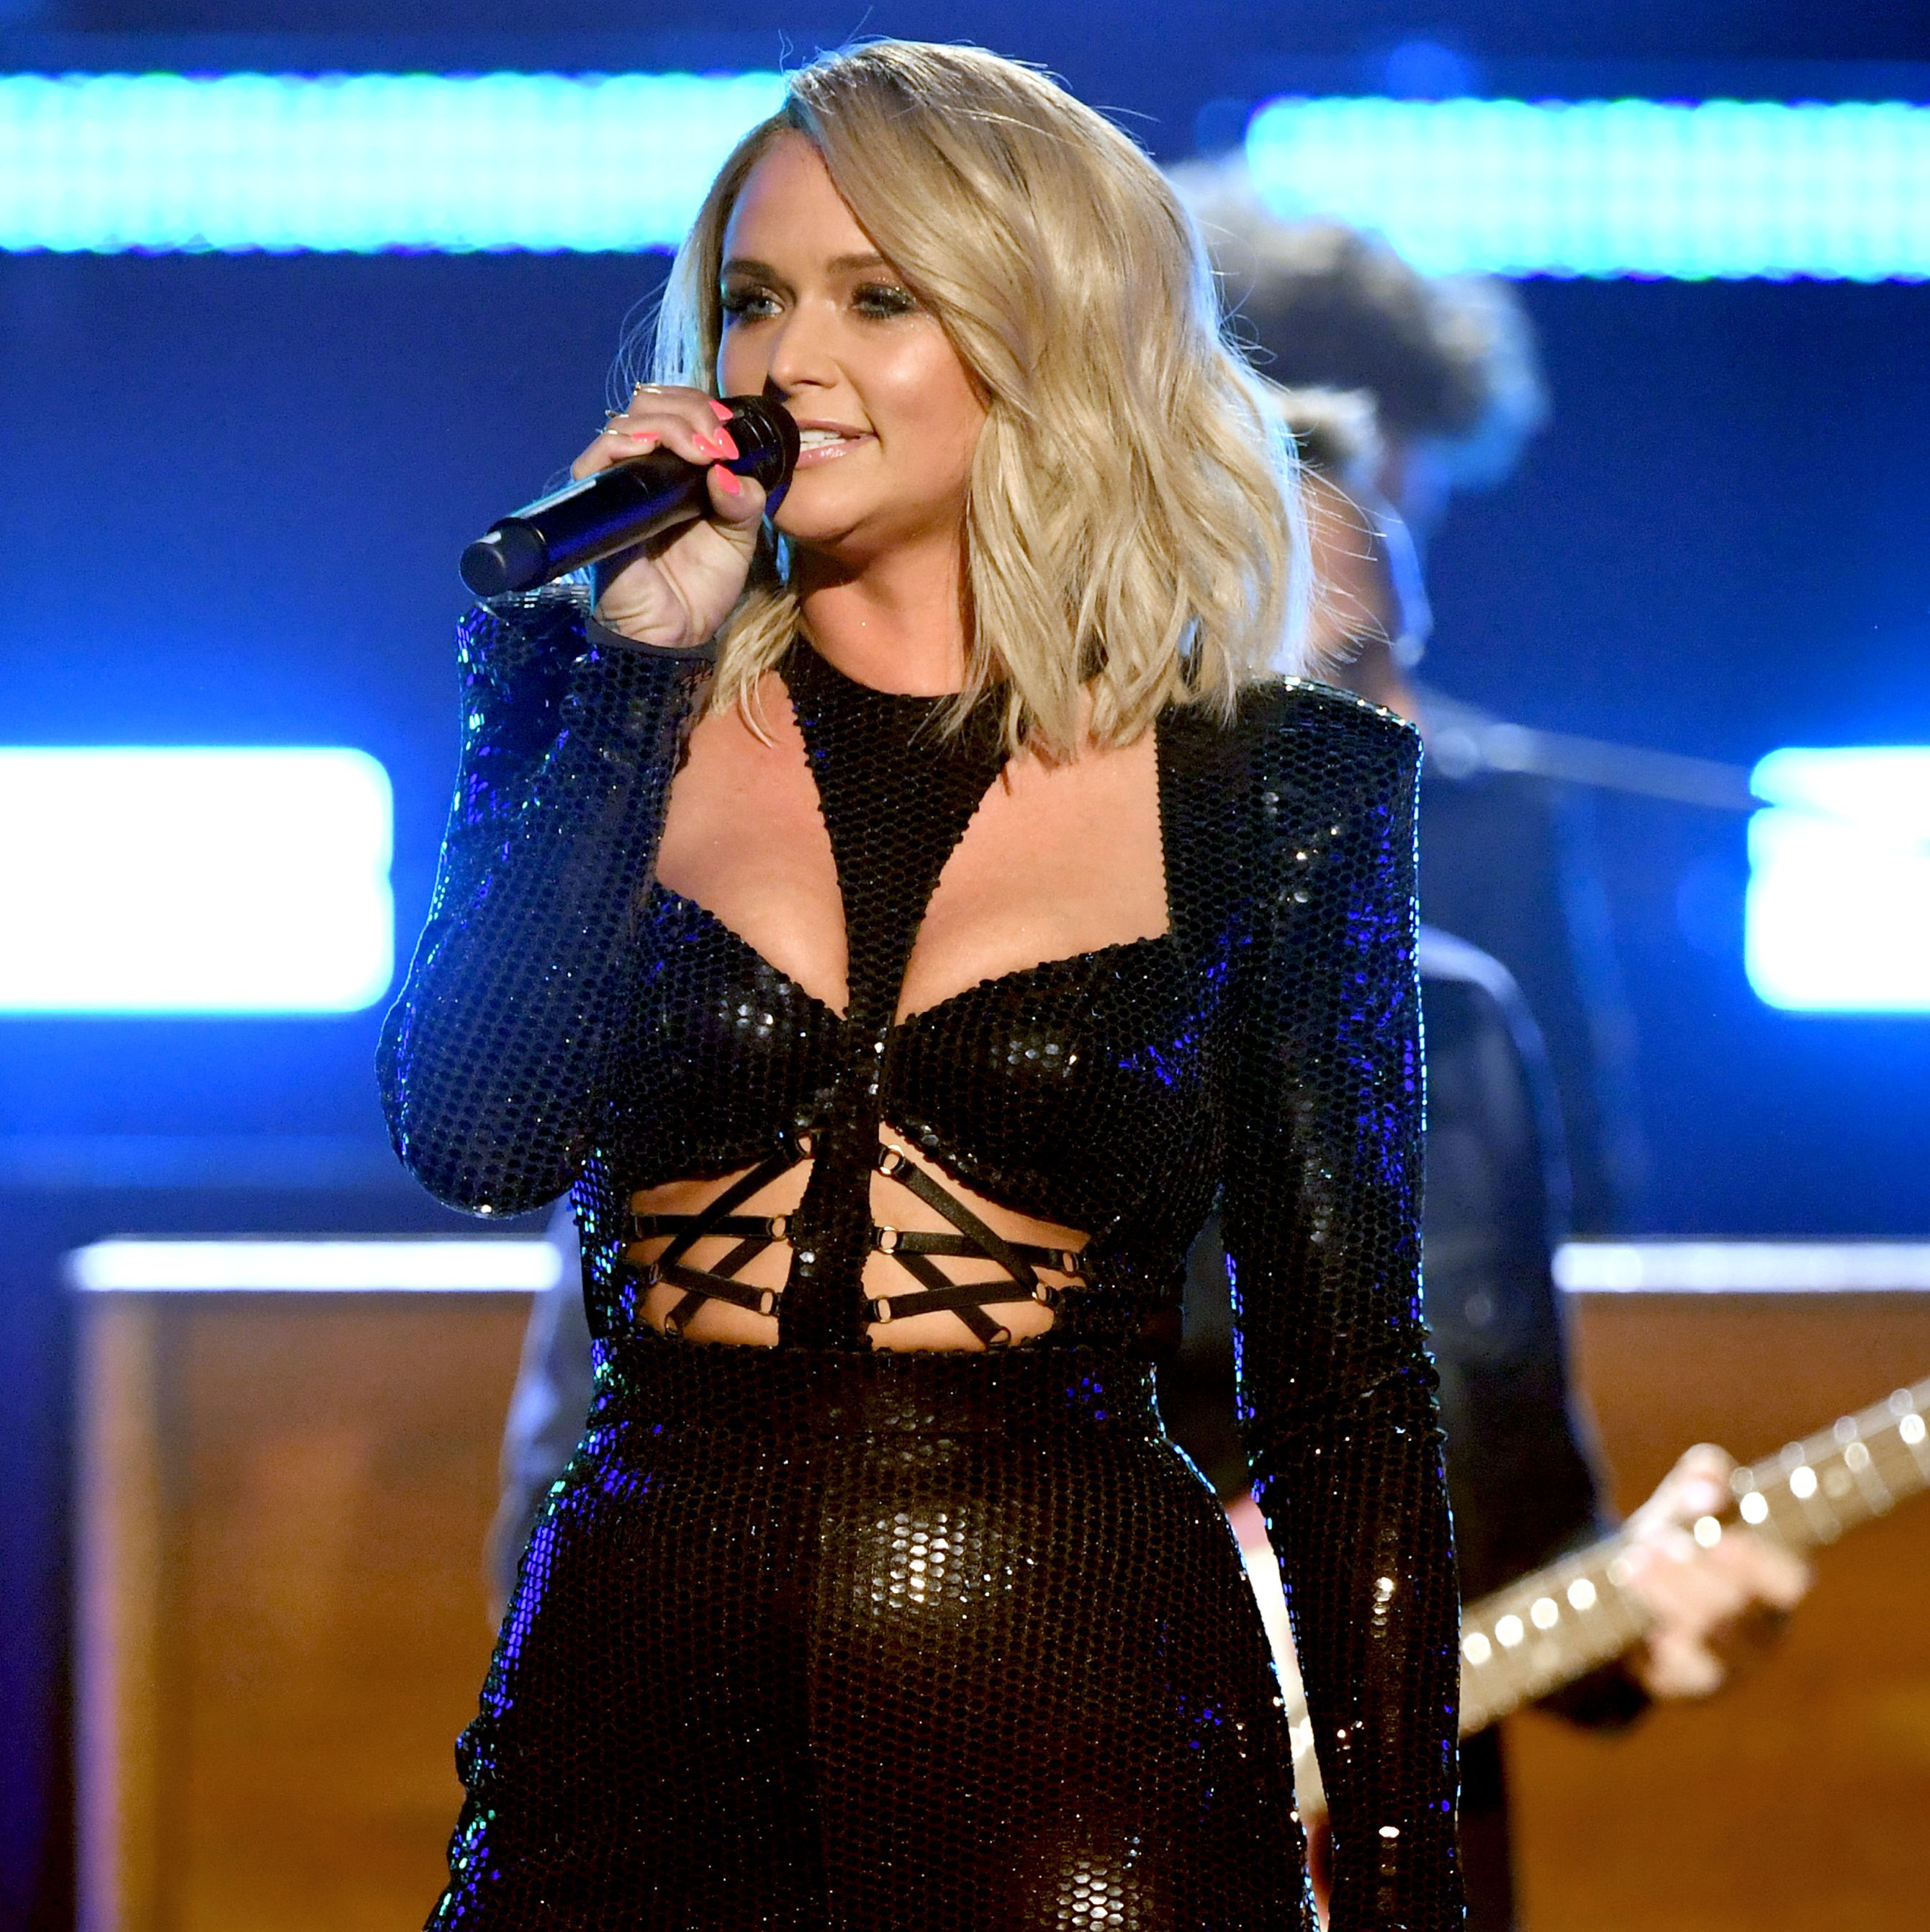 Celebrity Wedding Singers: Did Miranda Lambert Take A Dig At Blake Shelton During Her